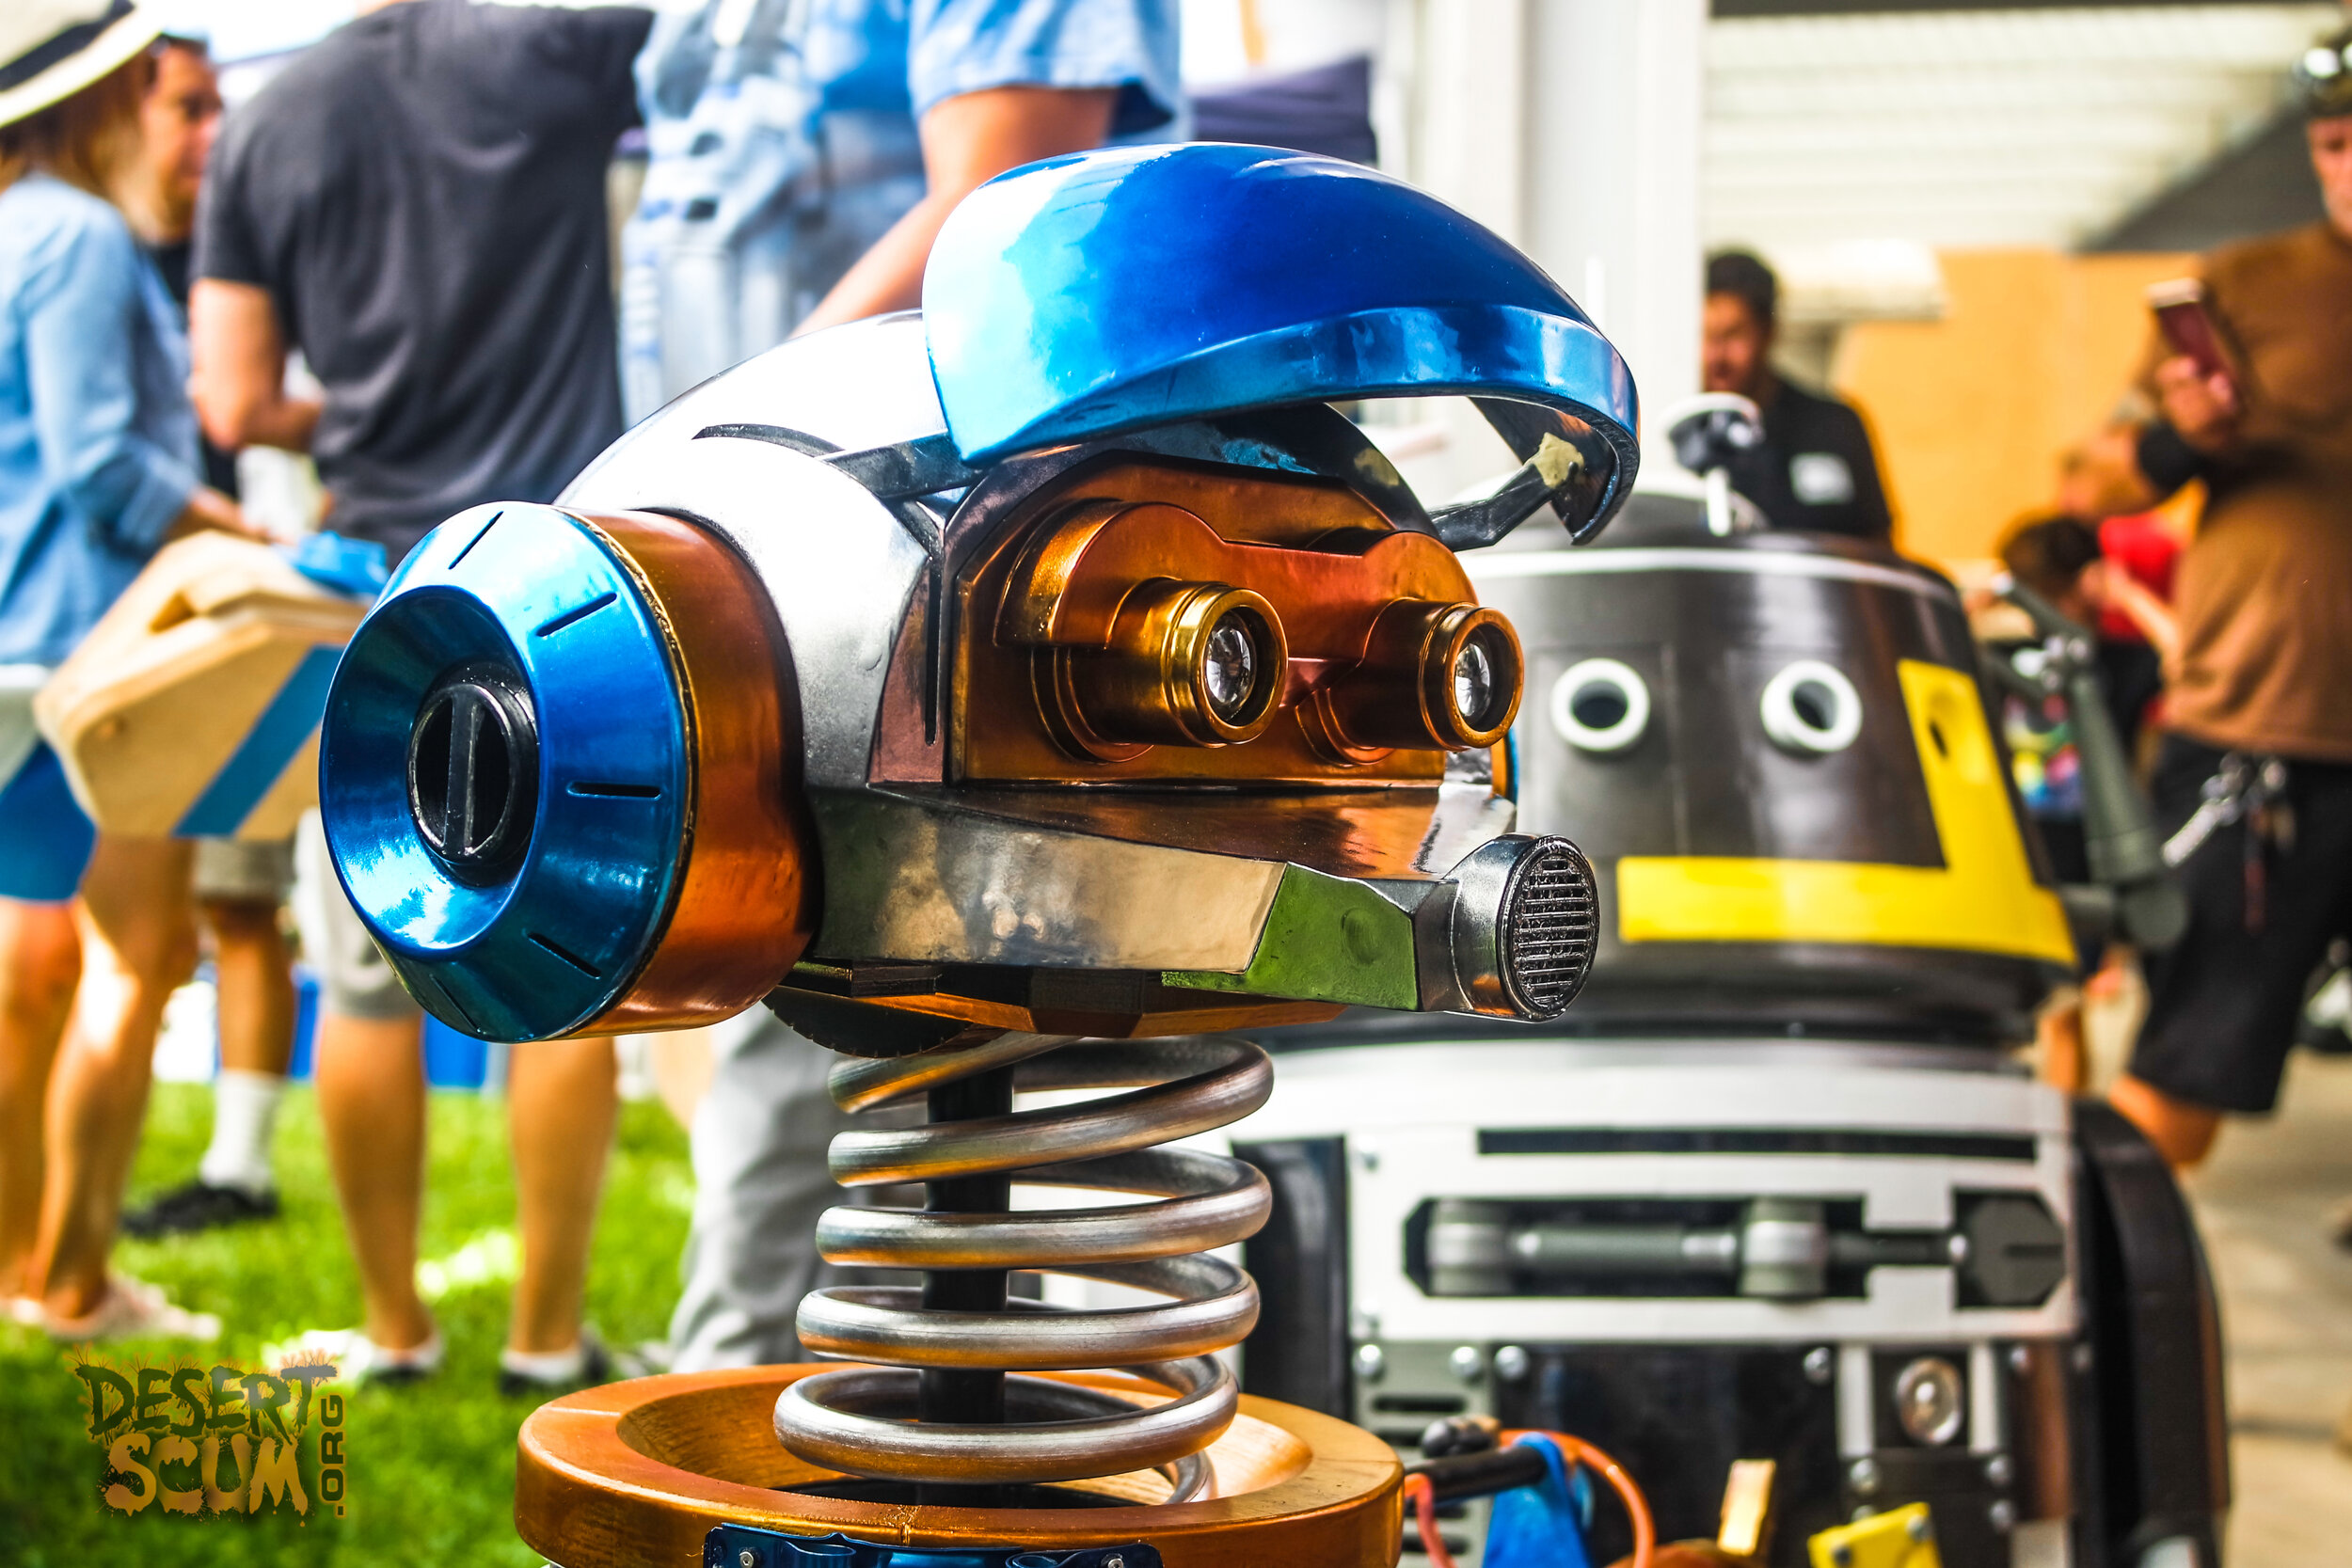 #R2LA16 #R2LA #droidbuilders #astromech #r2builders #mousedroidbuilders #bb8builders #droid #droidparty #rx24 #captainrex #pilotrex #startours #shocker #s110c #desertscum